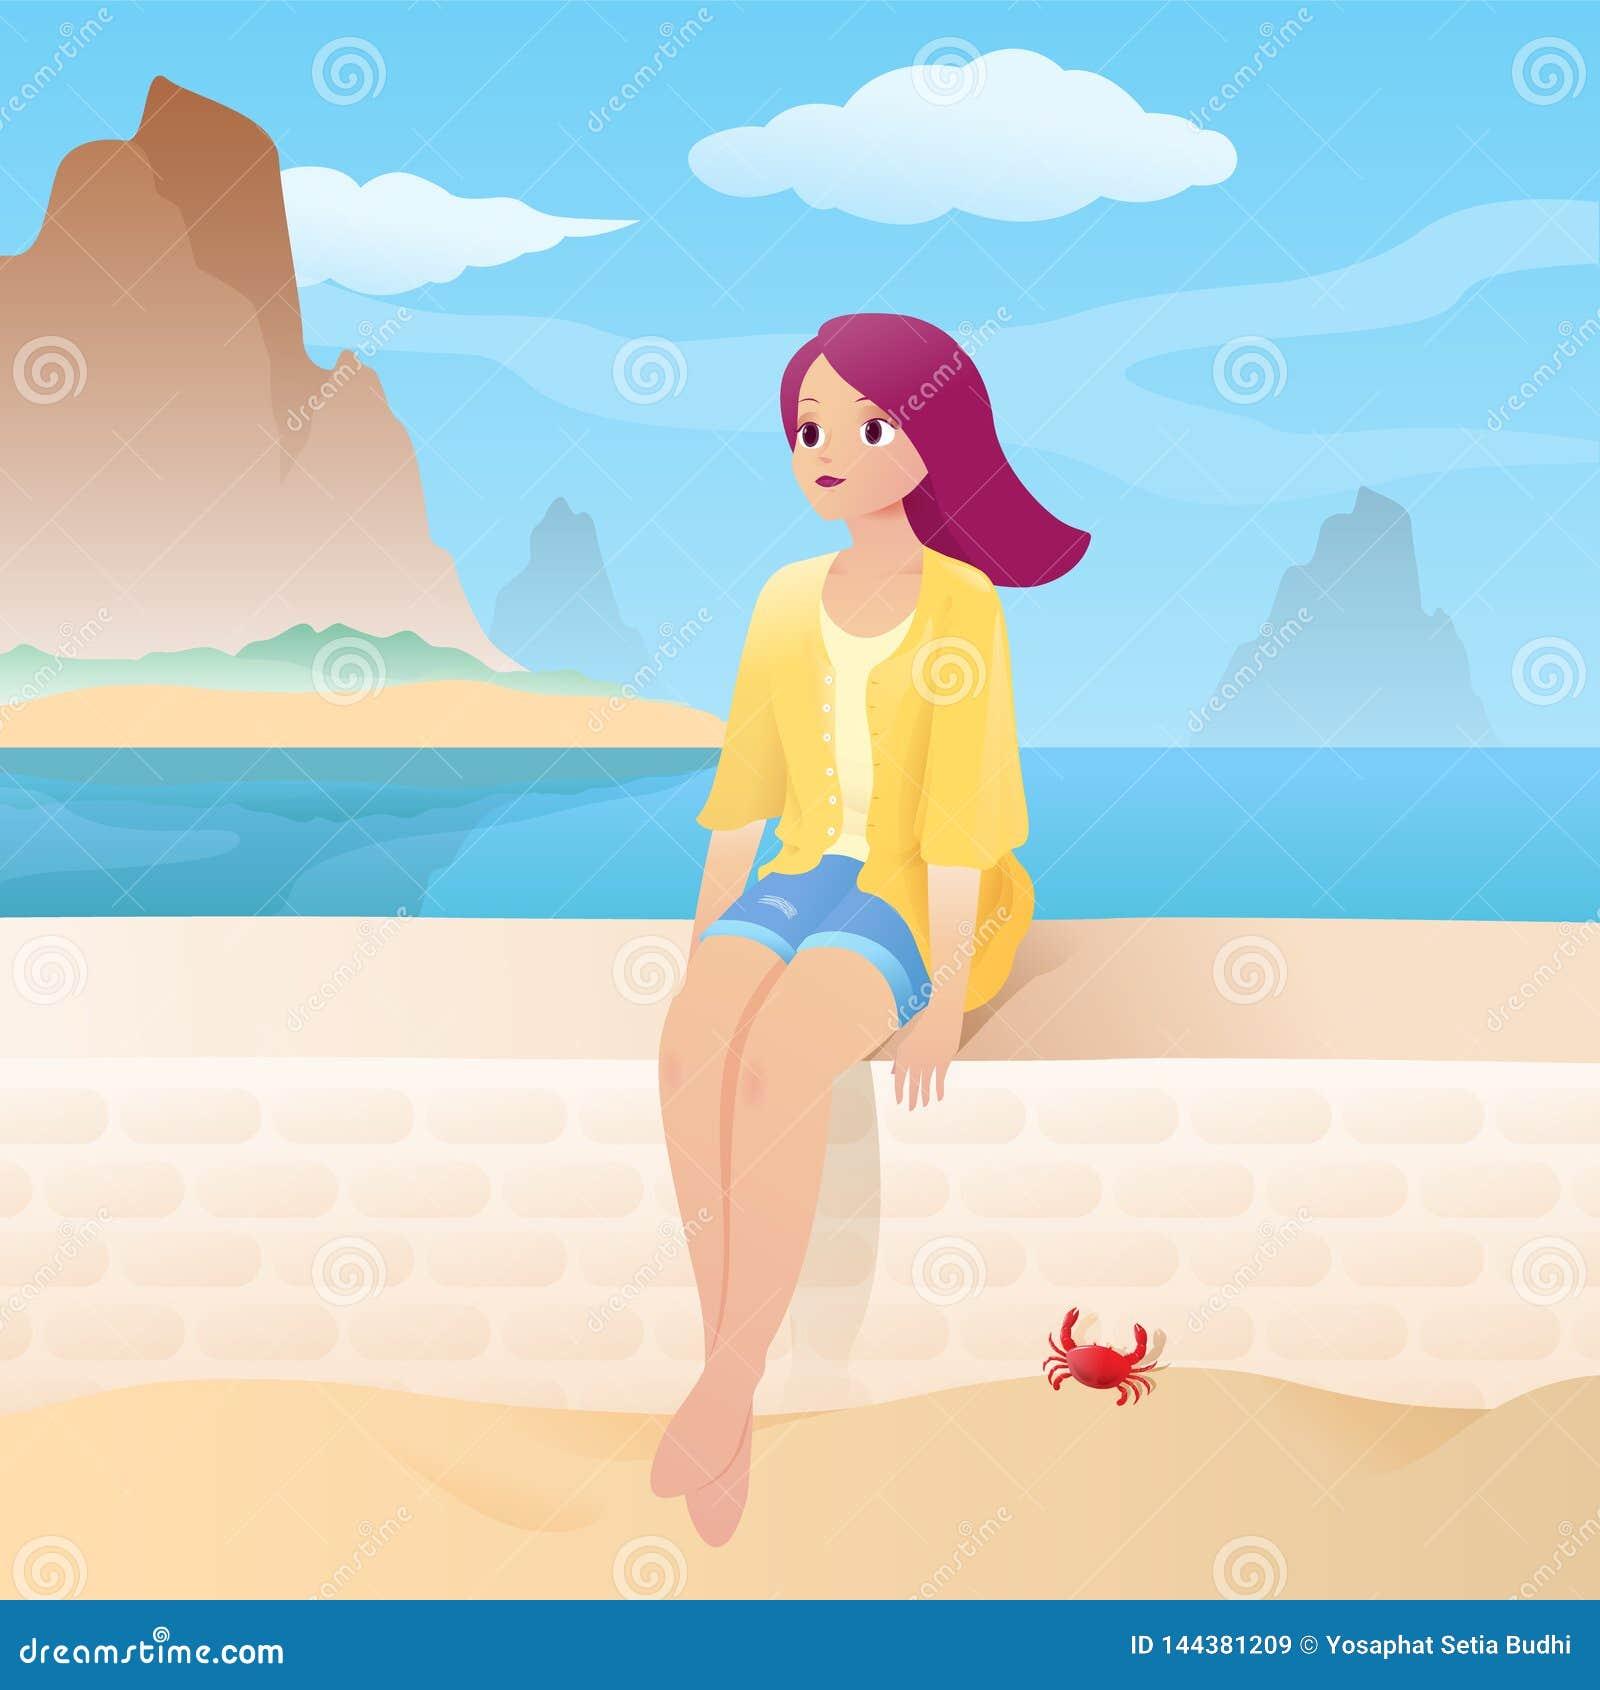 Dziewczyna na piaskowatej plaży z pięknym morzem i tropikalną wyspy scenerią